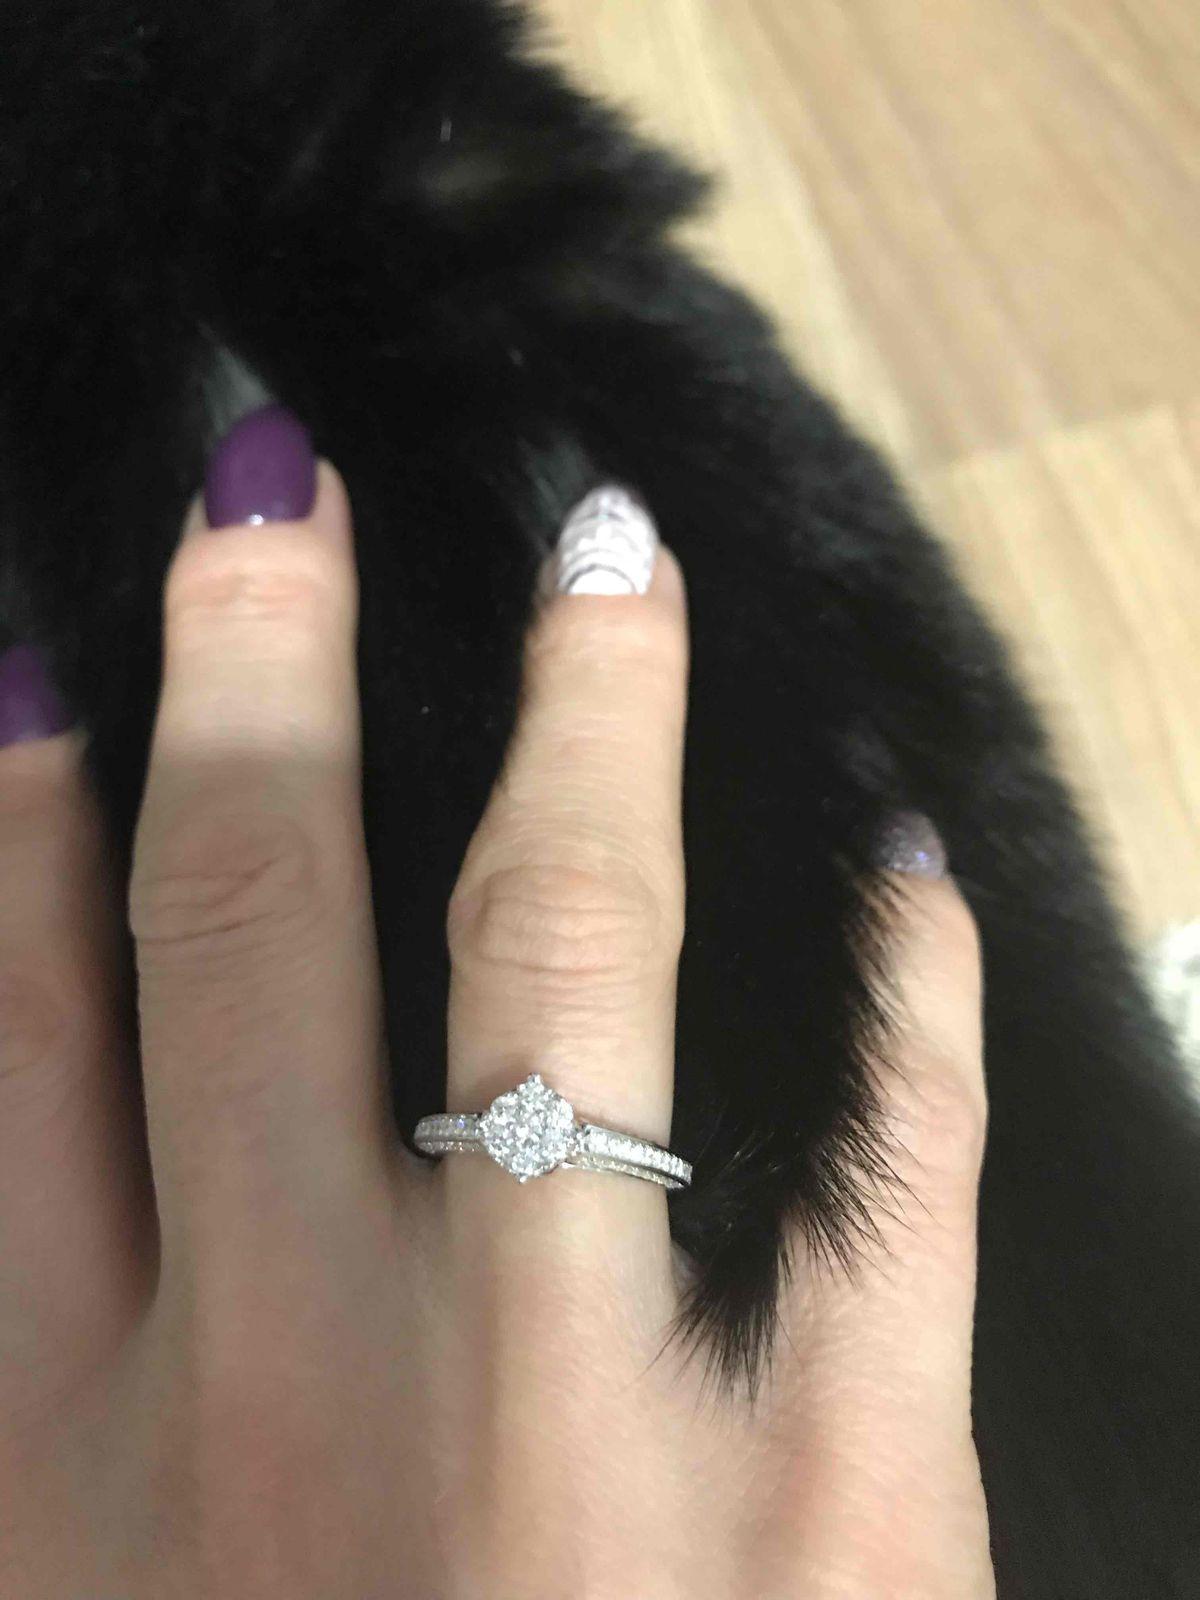 Очень красивое кольцо 💍😍😍😍